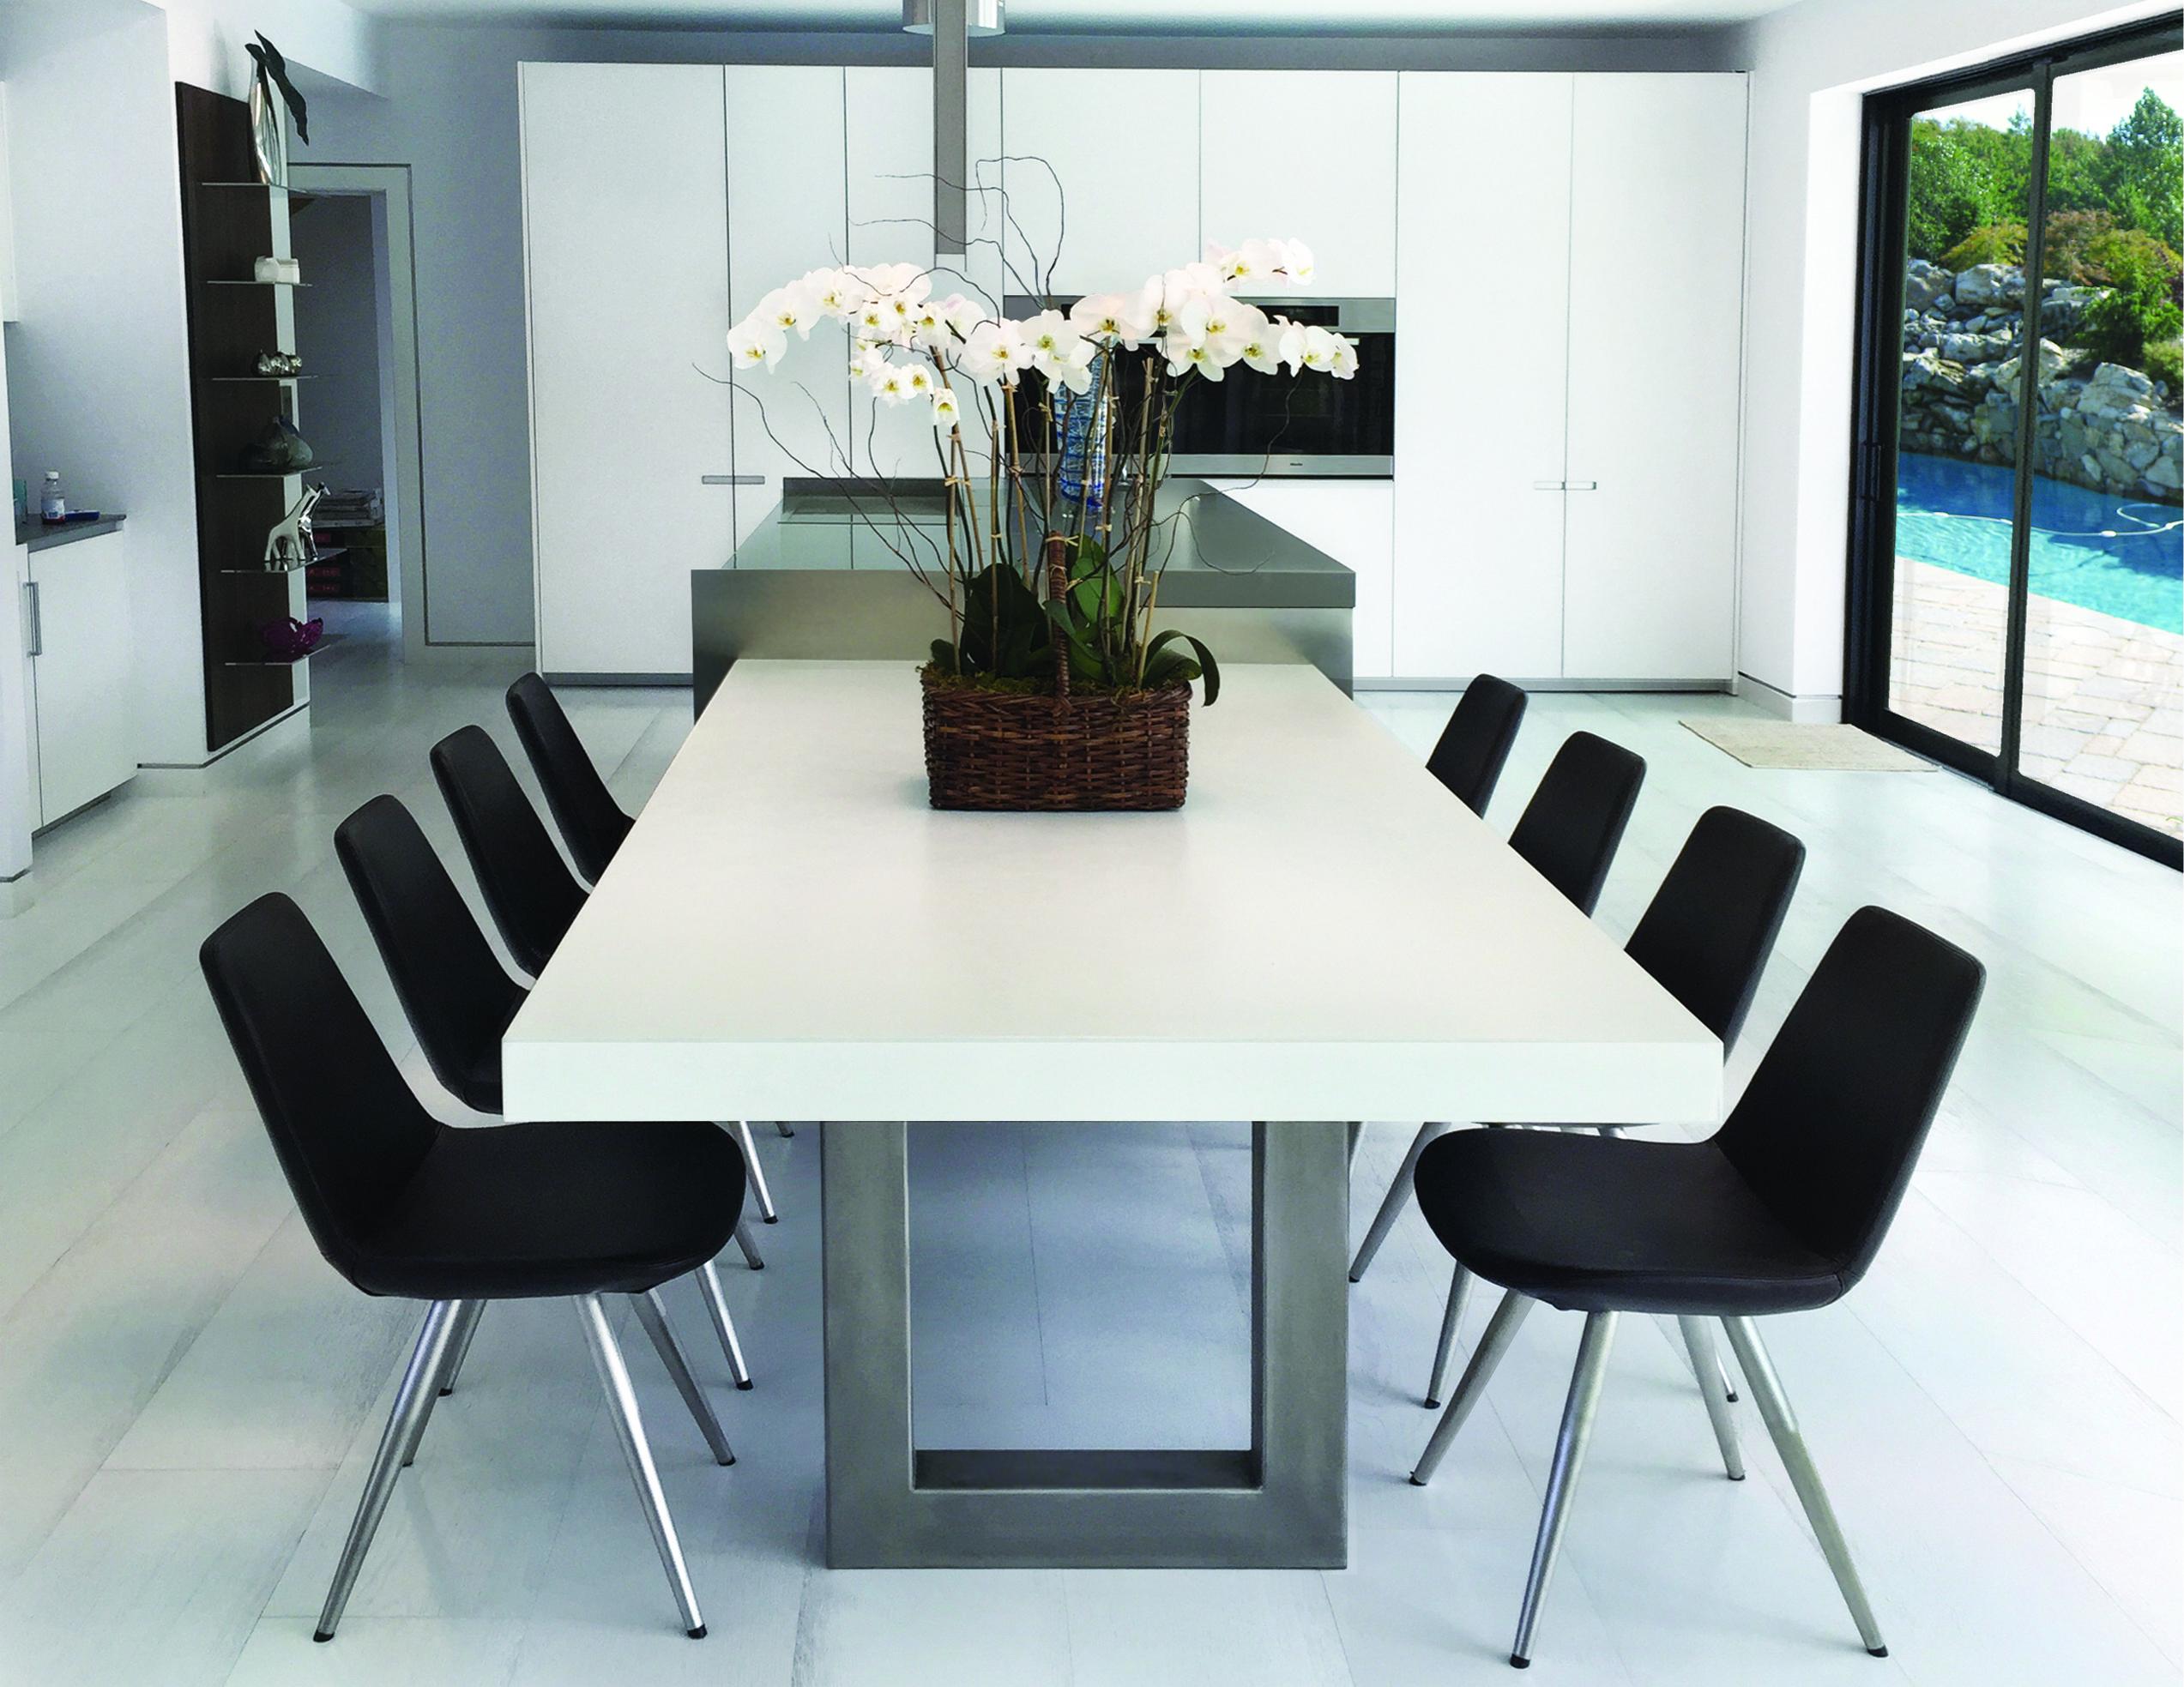 Zen Concrete Dining Table Concrete Dining Table Dining Room